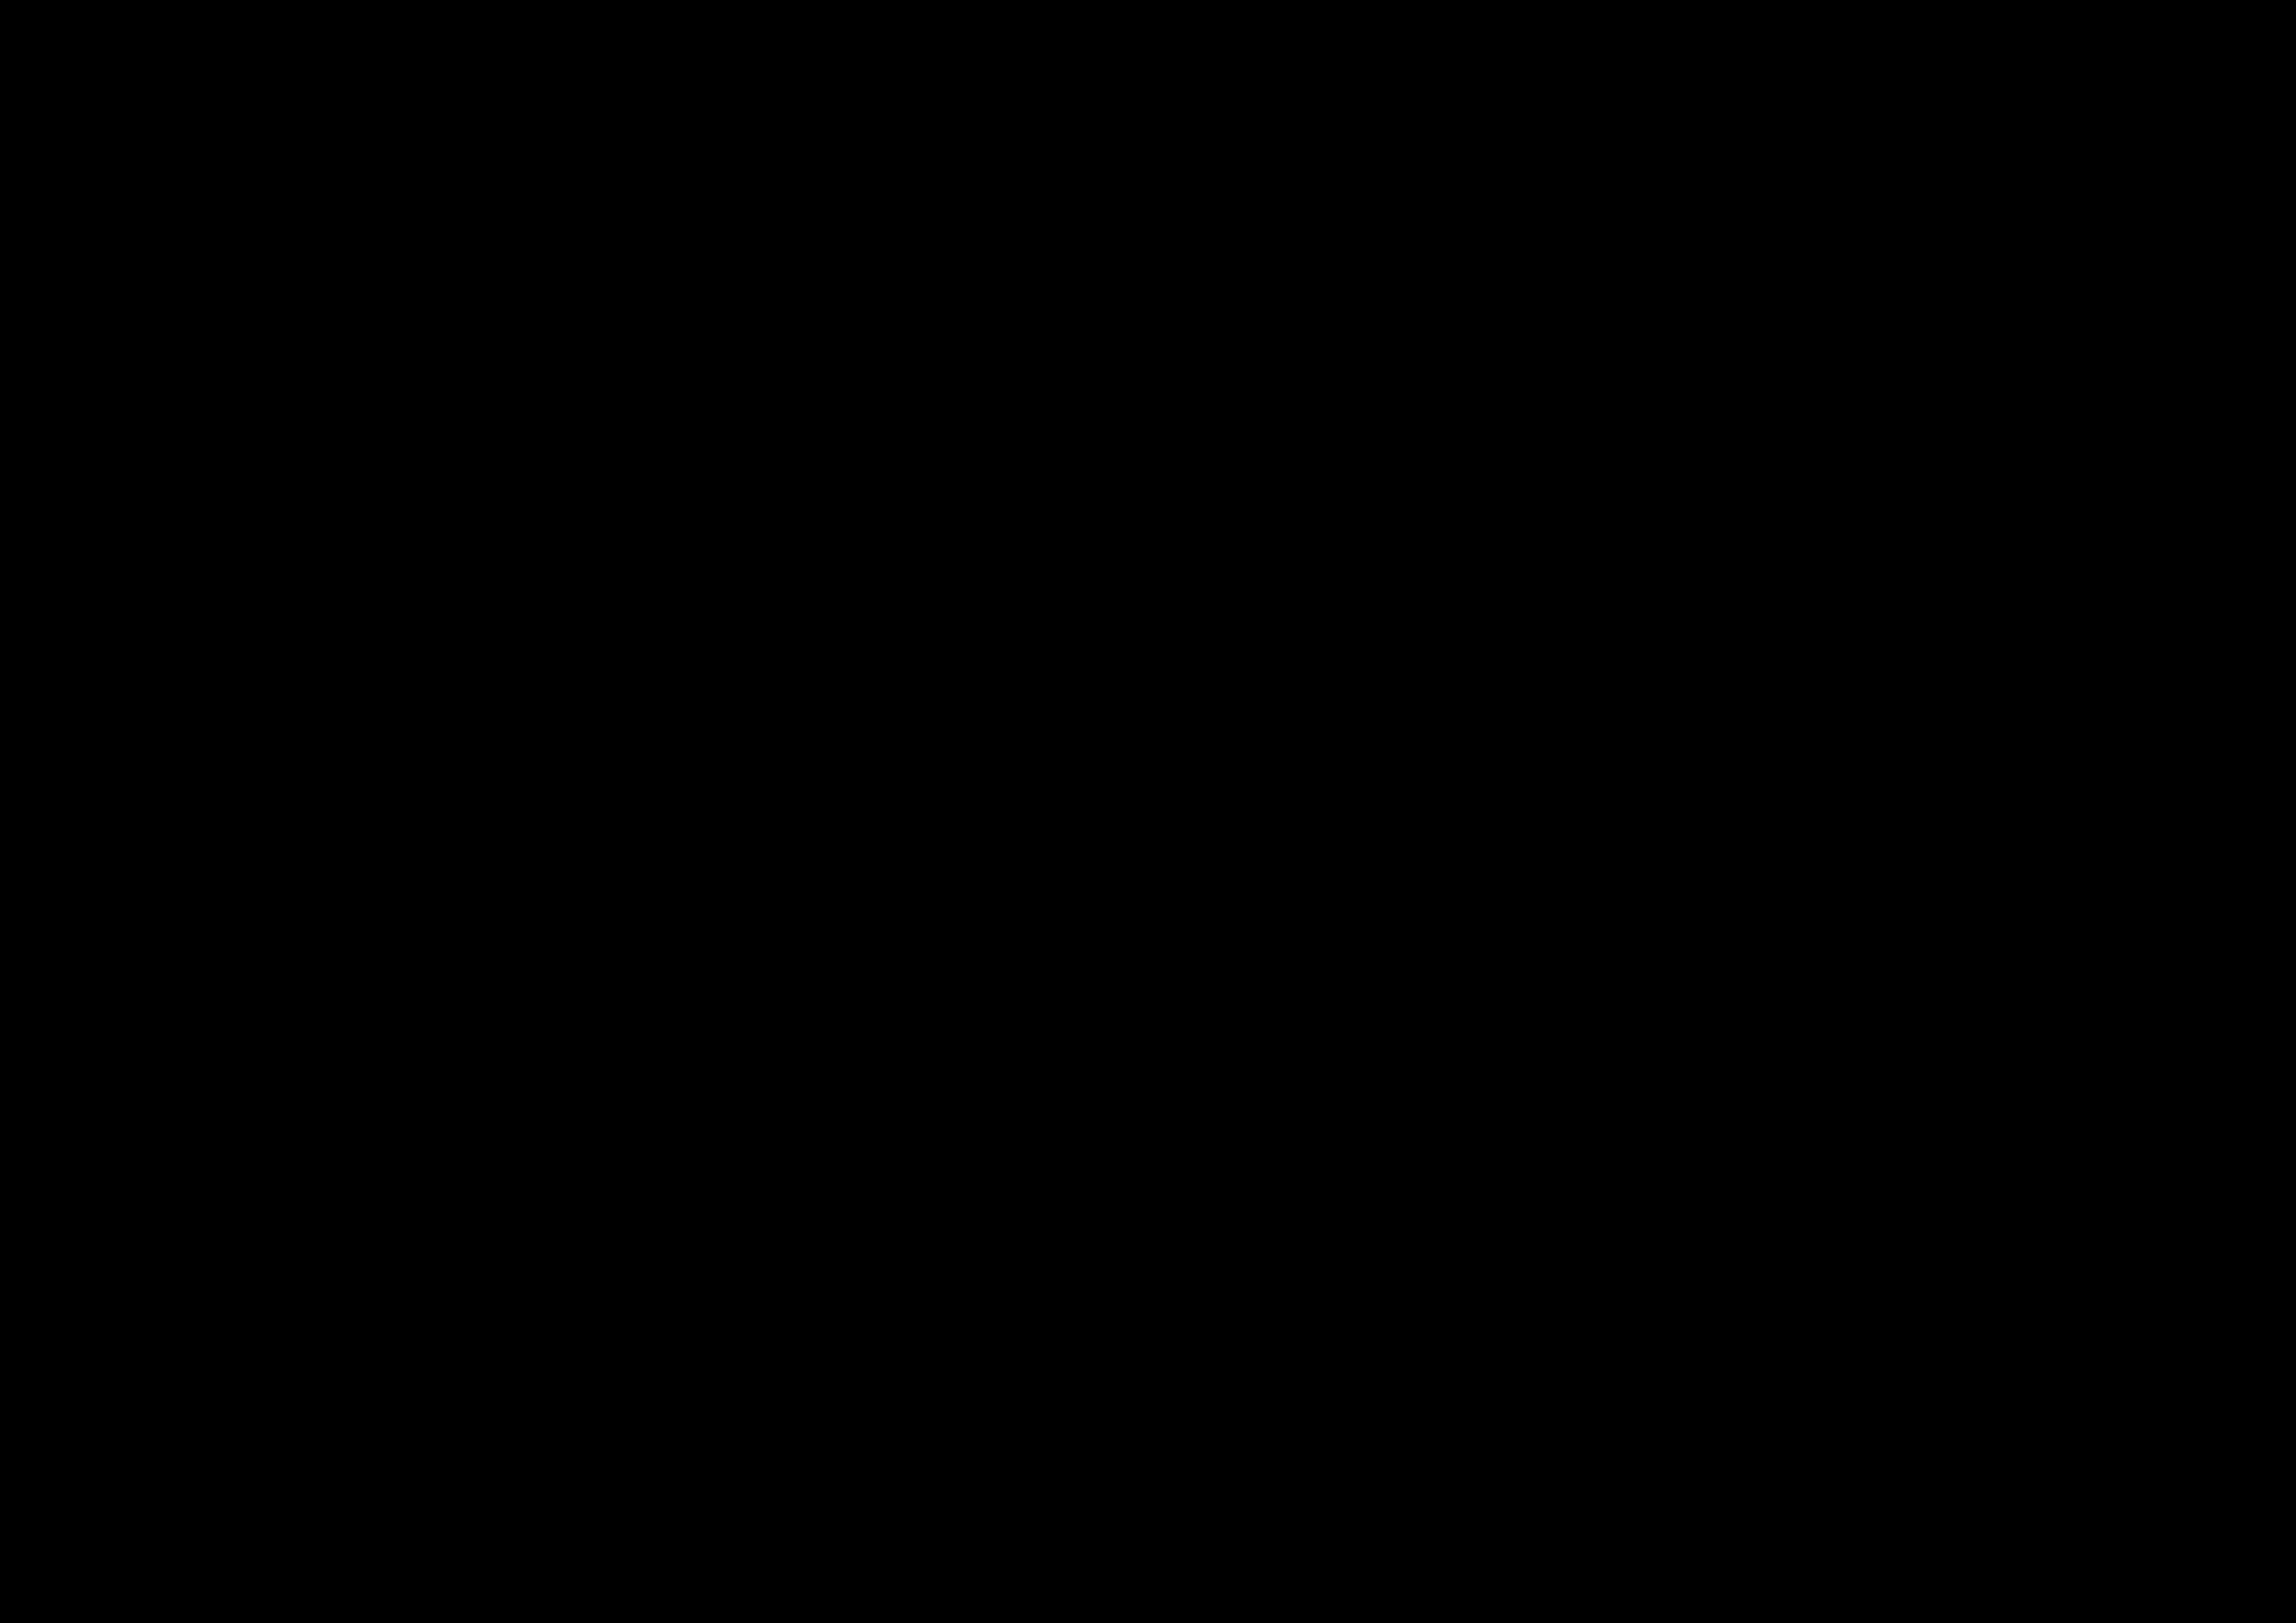 香溢紫郡 220m/2策划案例 新中式装潢成果图装潢策划愿景